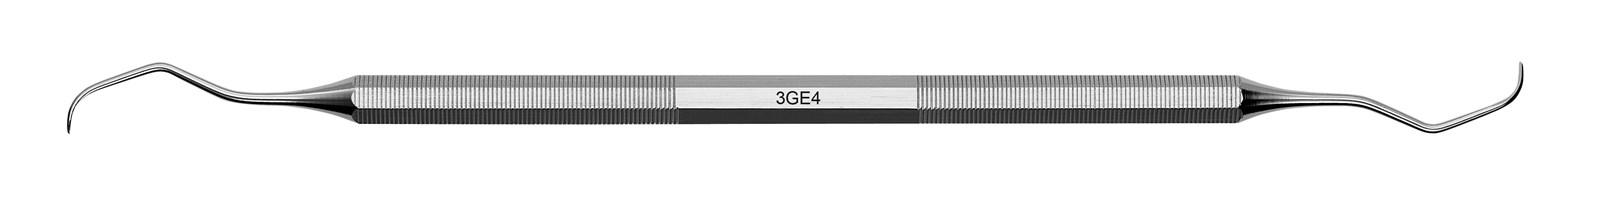 Kyreta Gracey Classic - 3GE4, ADEP silikonový návlek světle modrý